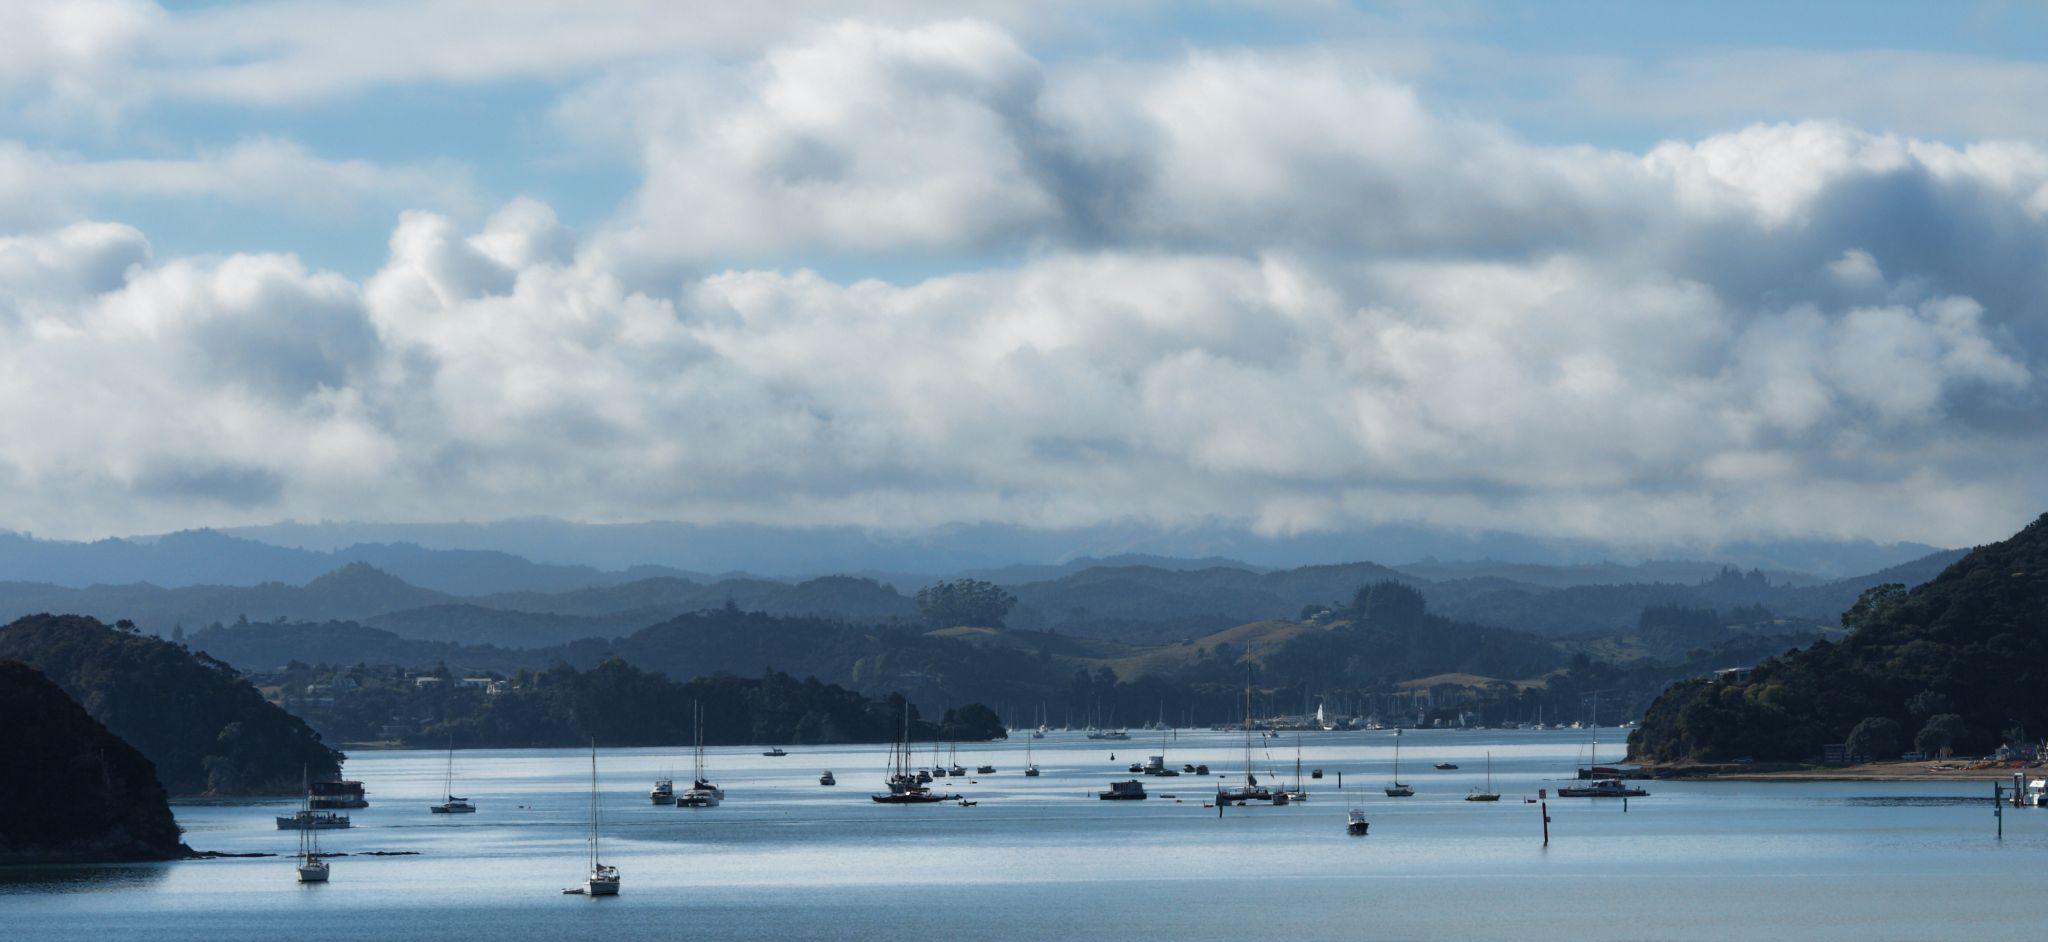 Waitangi, New Zealand